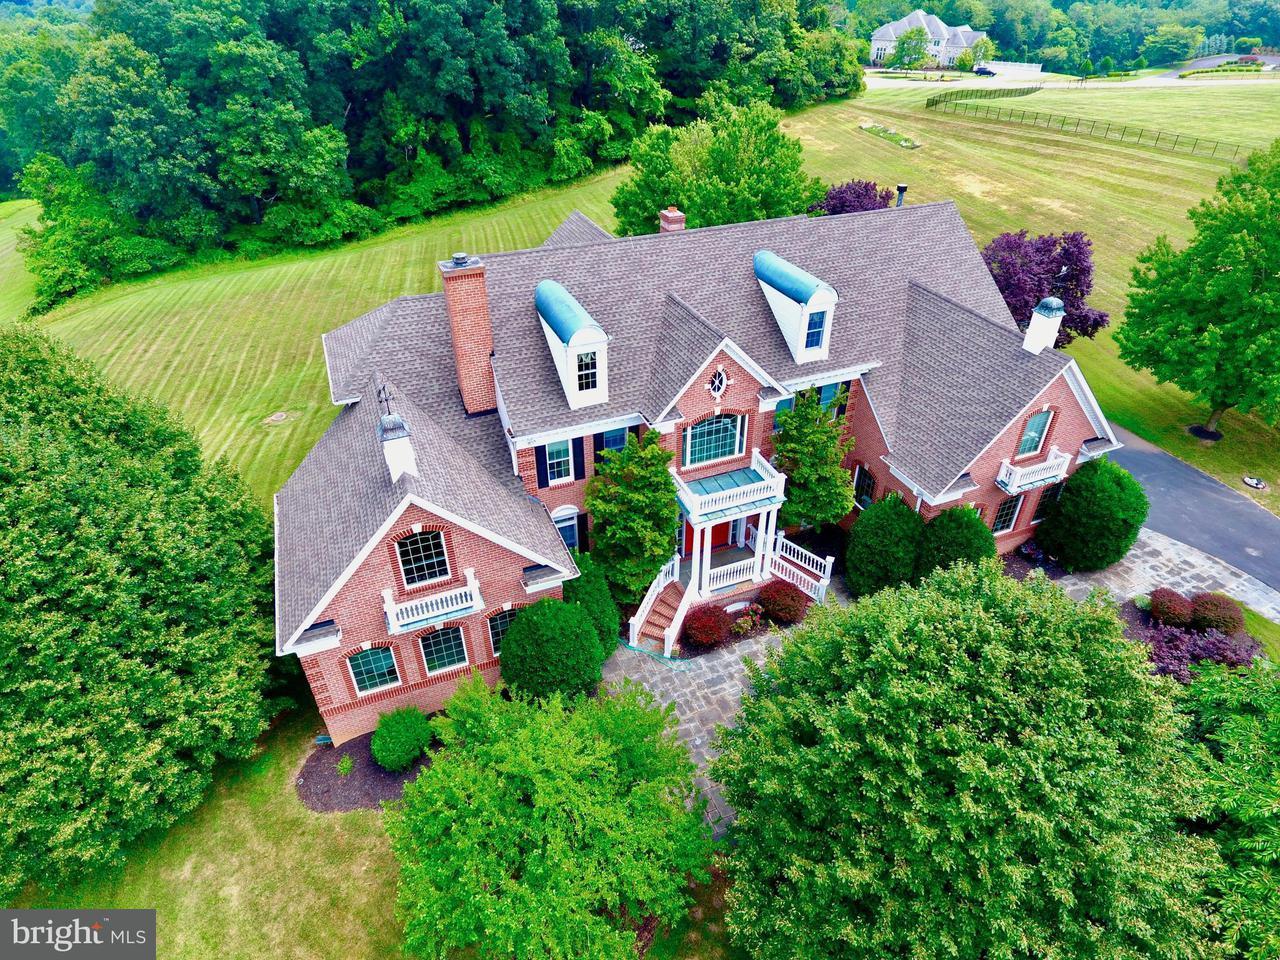 独户住宅 为 销售 在 11 Woodfield Court 11 Woodfield Court Reisterstown, 马里兰州 21136 美国